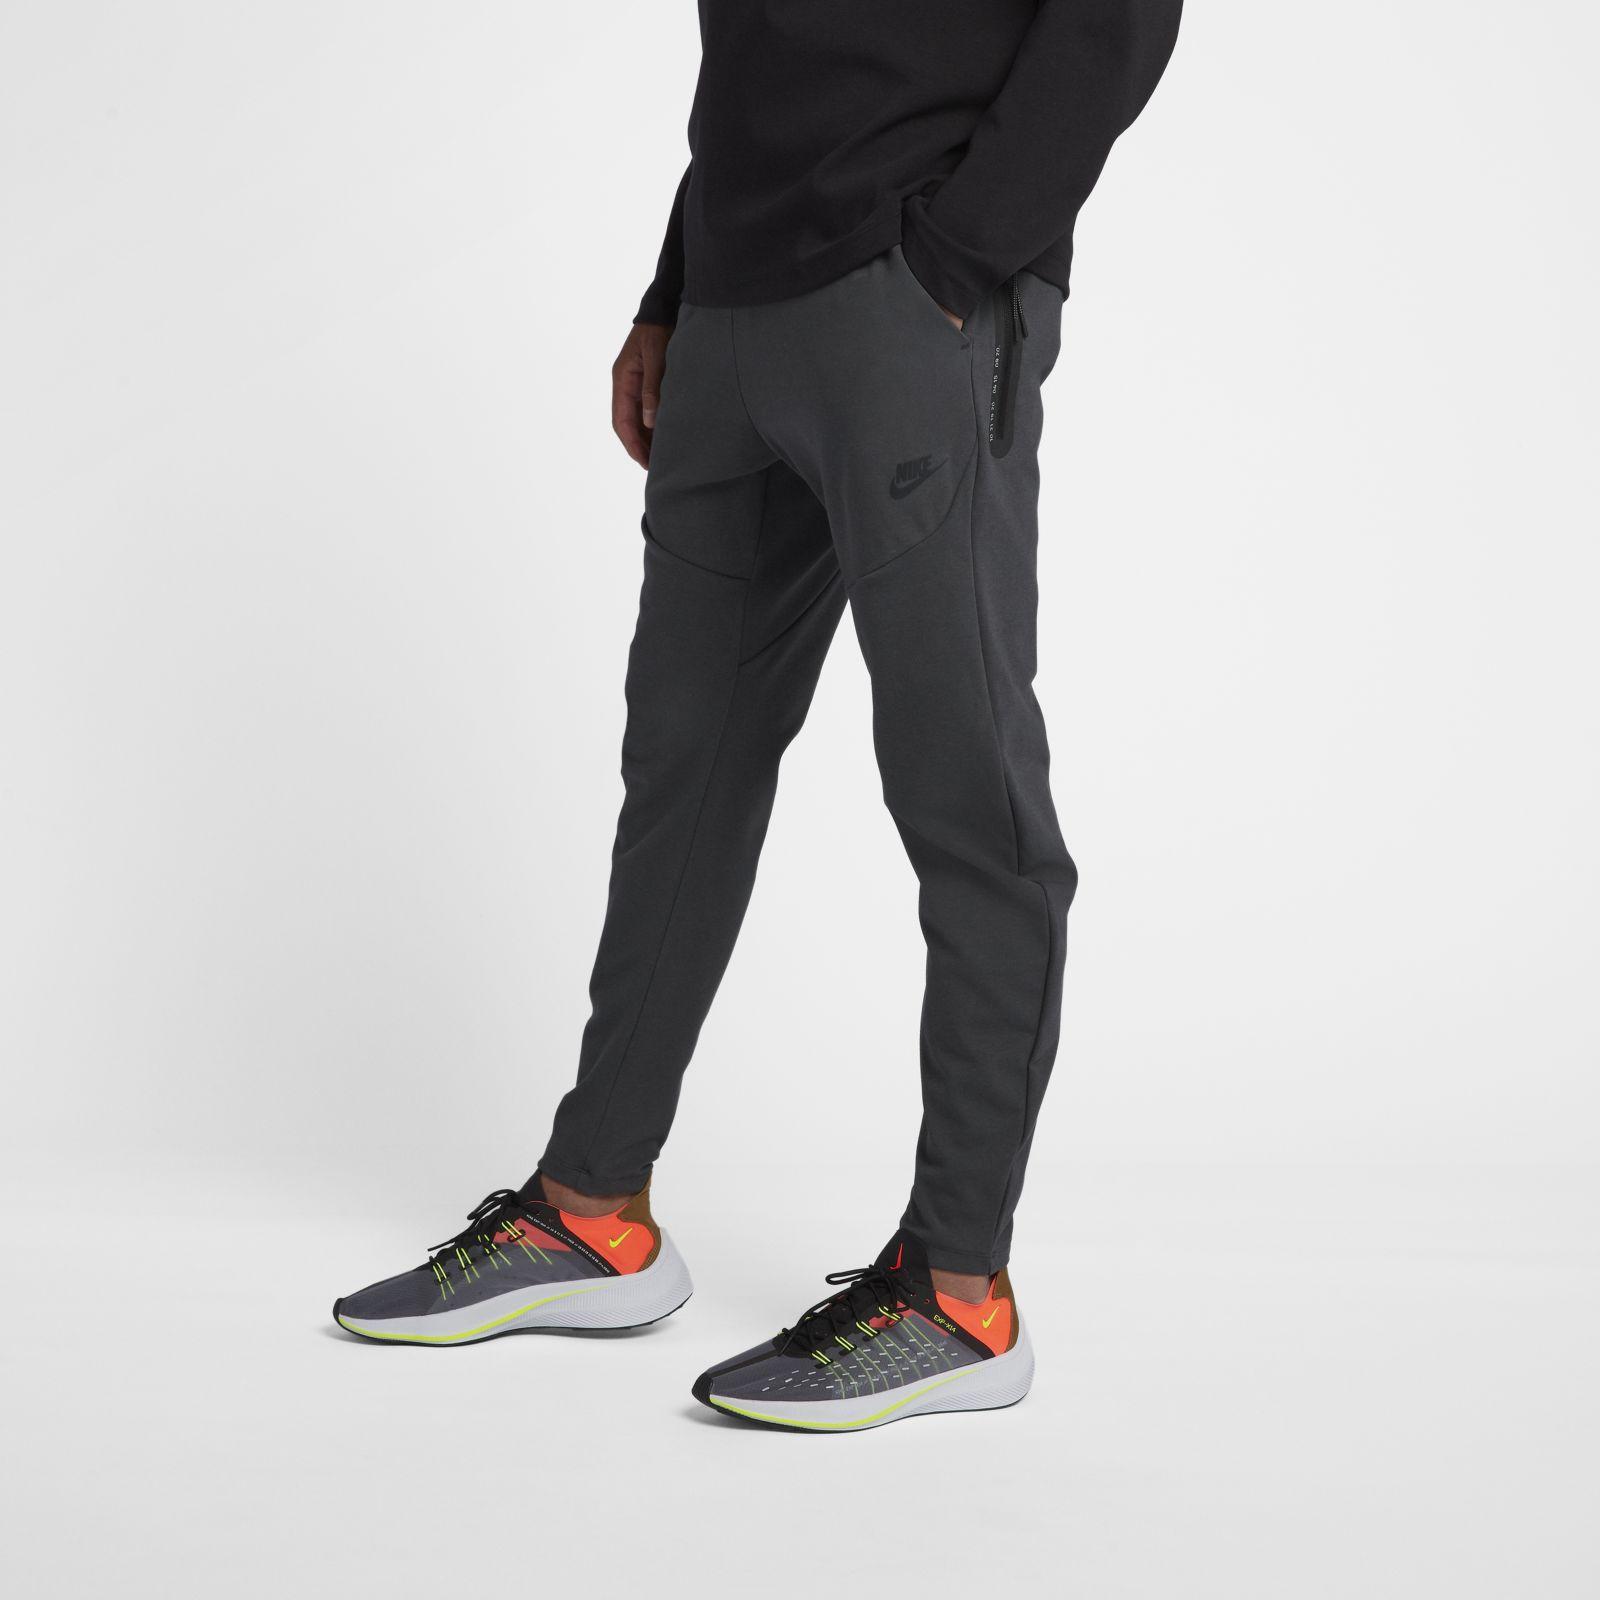 Goede Nike Sportswear Tech Fleece Pants - SPORTING GOODS Sports Pants SB-35